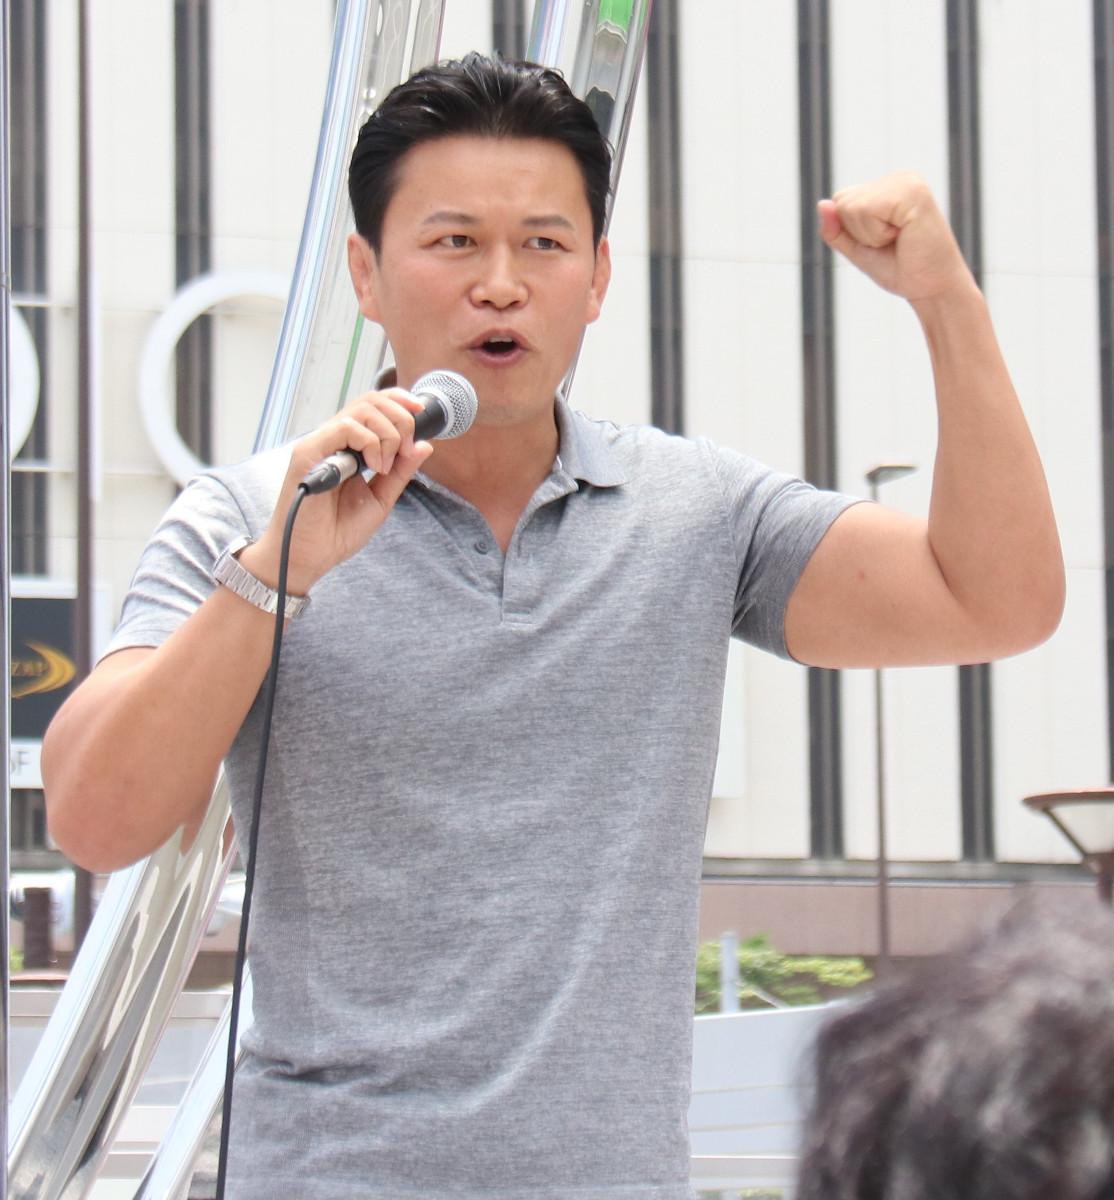 都知事選で山本太郎氏を応援している須藤元気氏